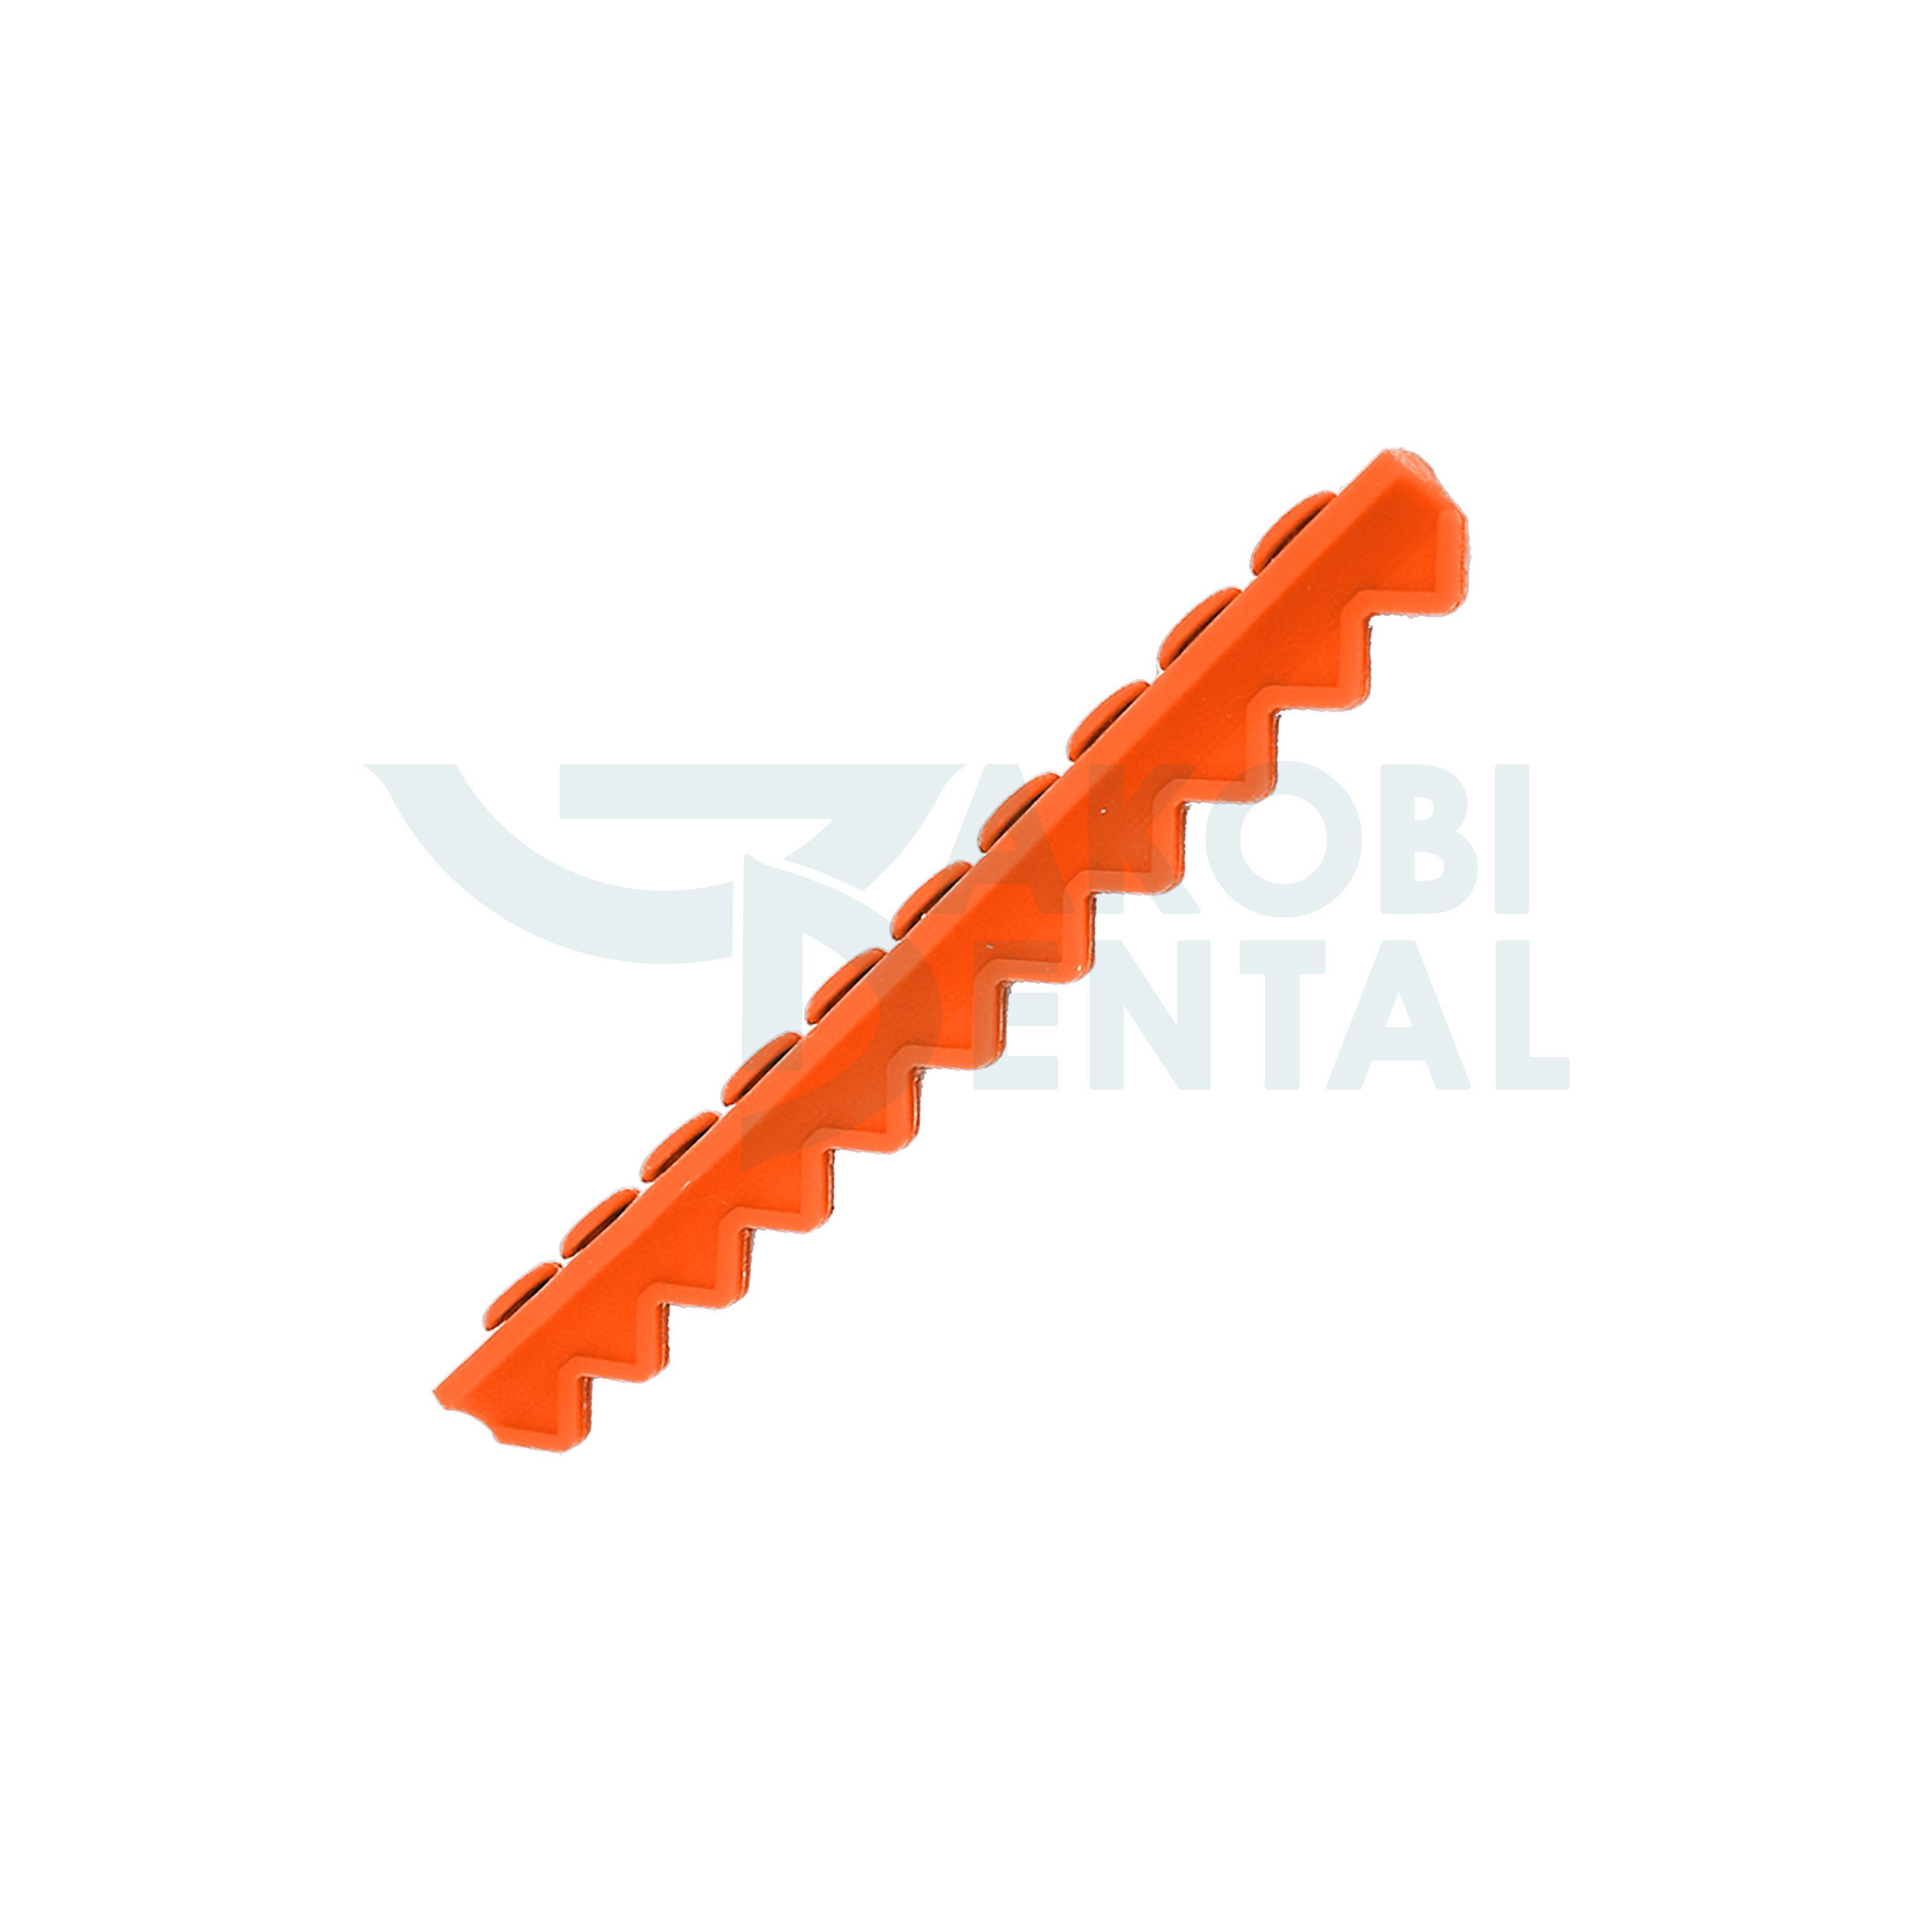 Instrumententräger für 10 Instrumente, orange